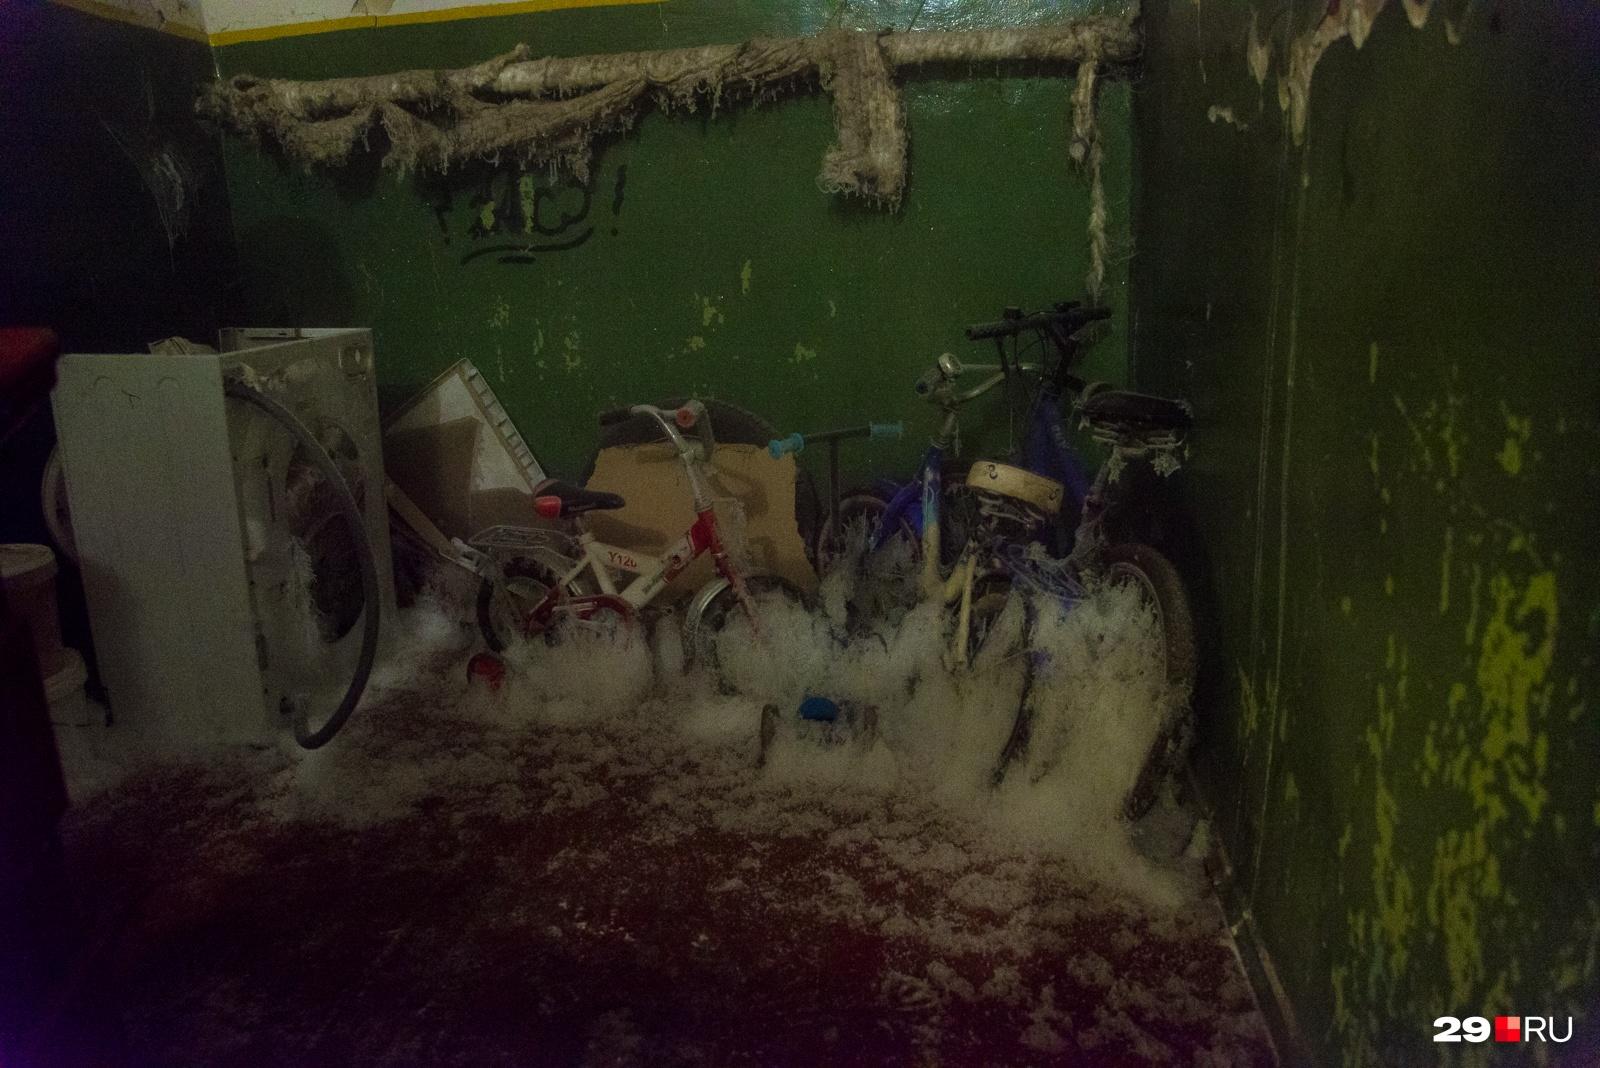 Морозной ватой покрыты крошечные велосипеды и самокаты